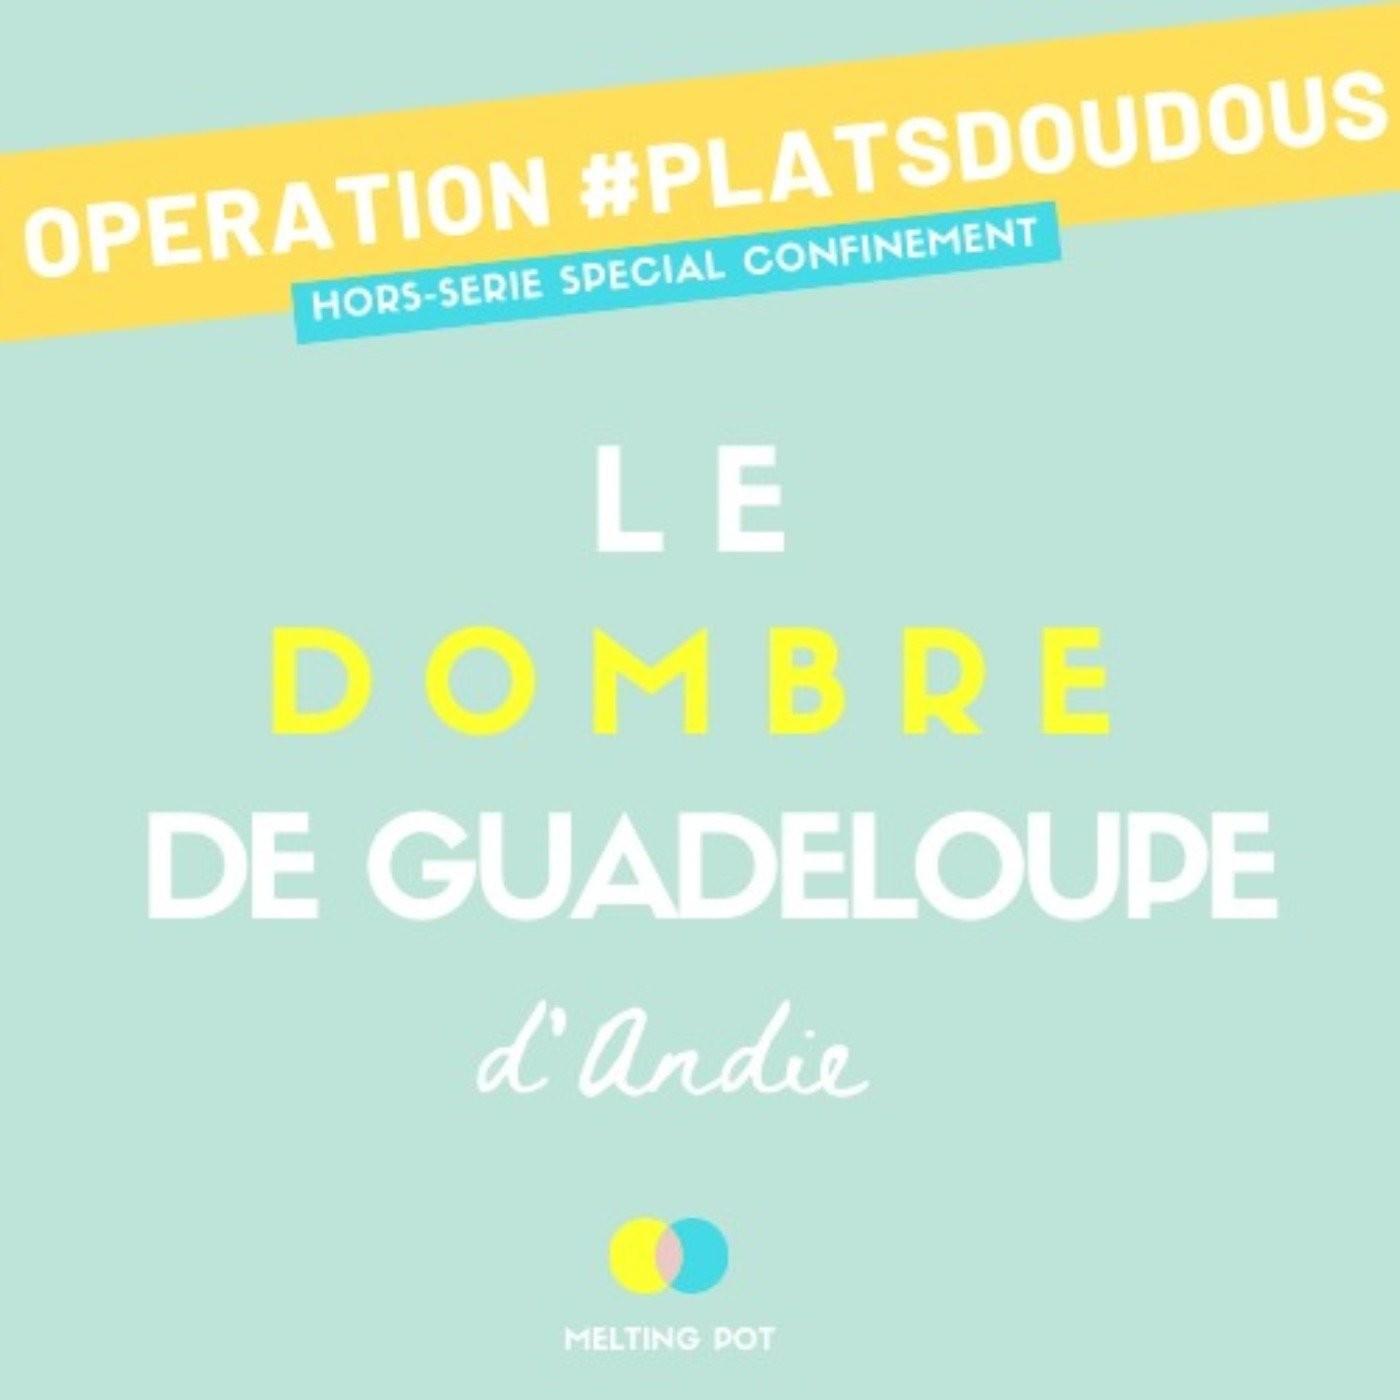 Plat doudou 2 - Le dombré d'Andie (Guadeloupe)